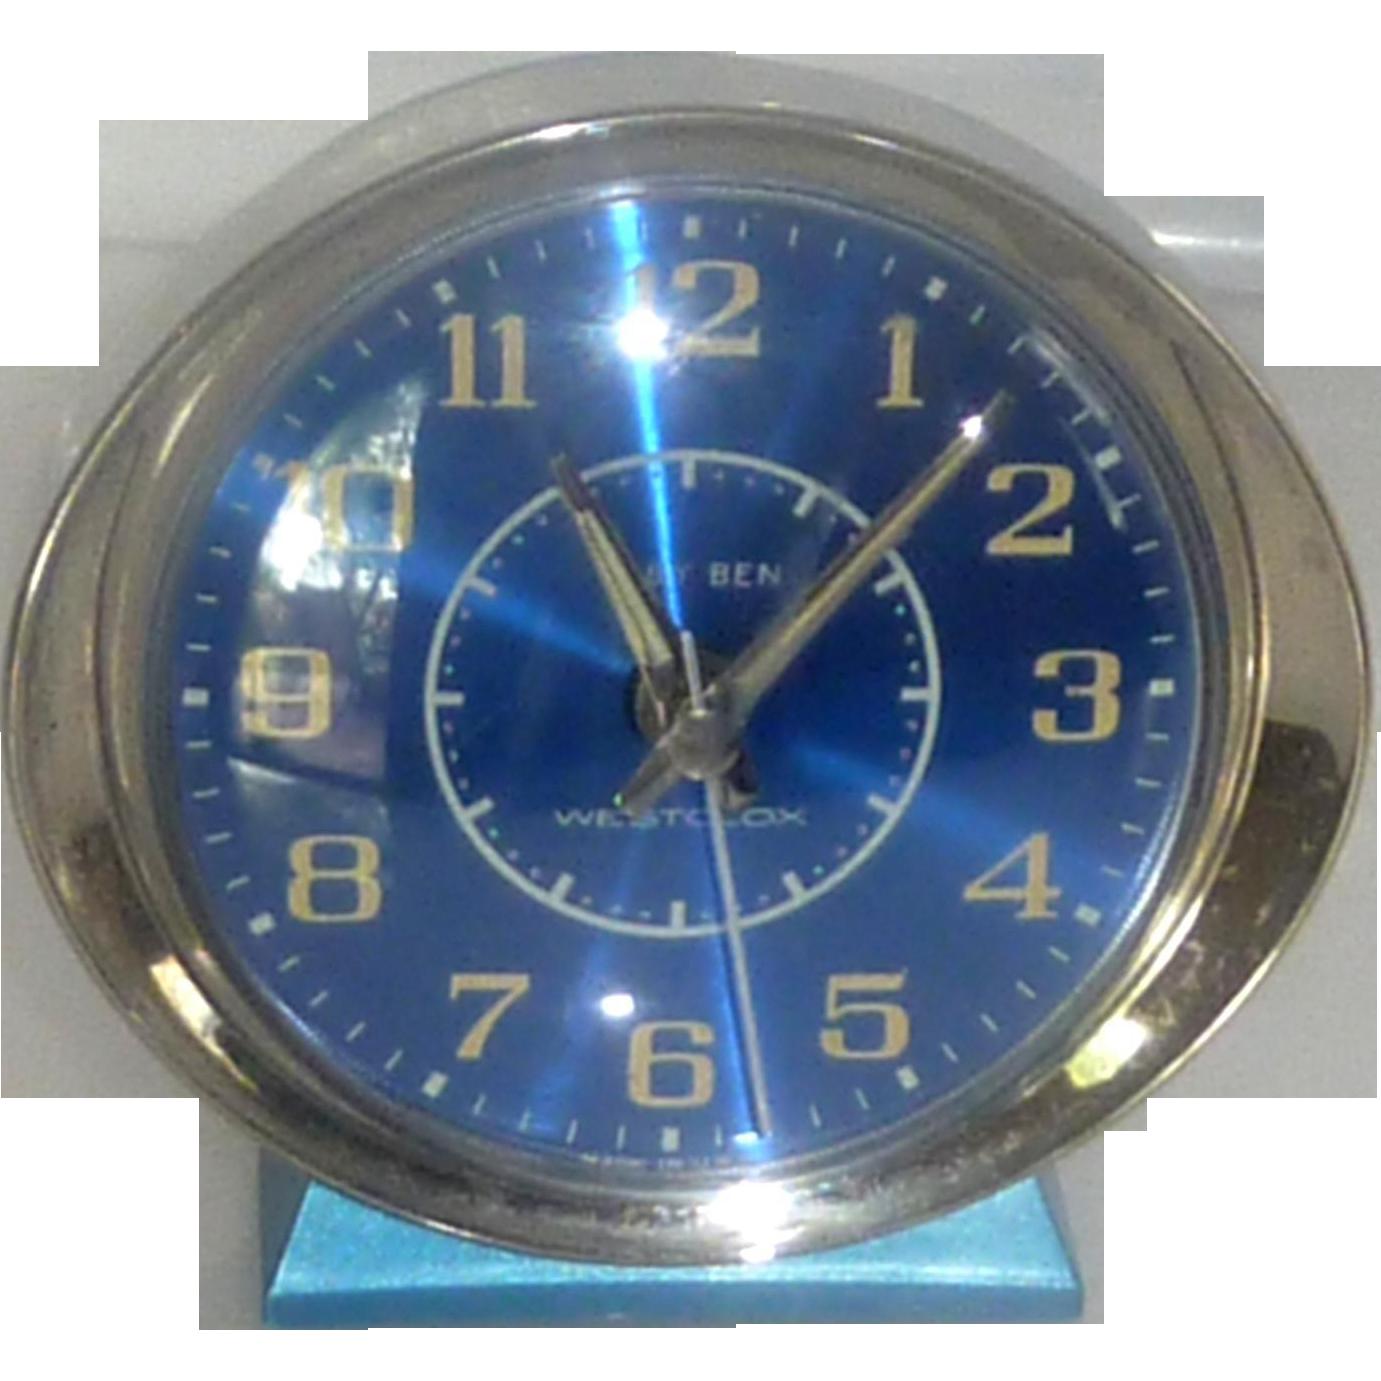 Baby Ben Wind up Alarm Clock Westclox